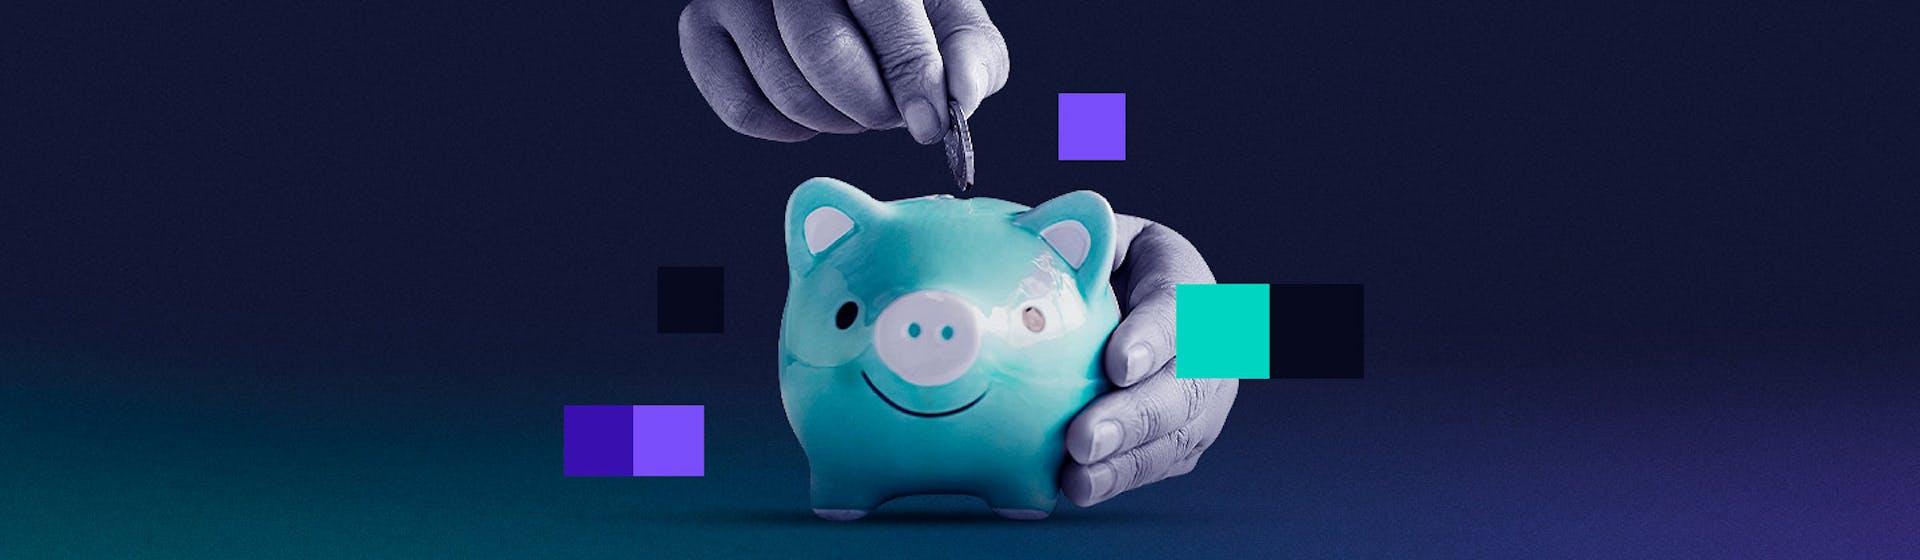 ¿Cómo ahorrar en finanzas personales sin apretarse el cinturón?